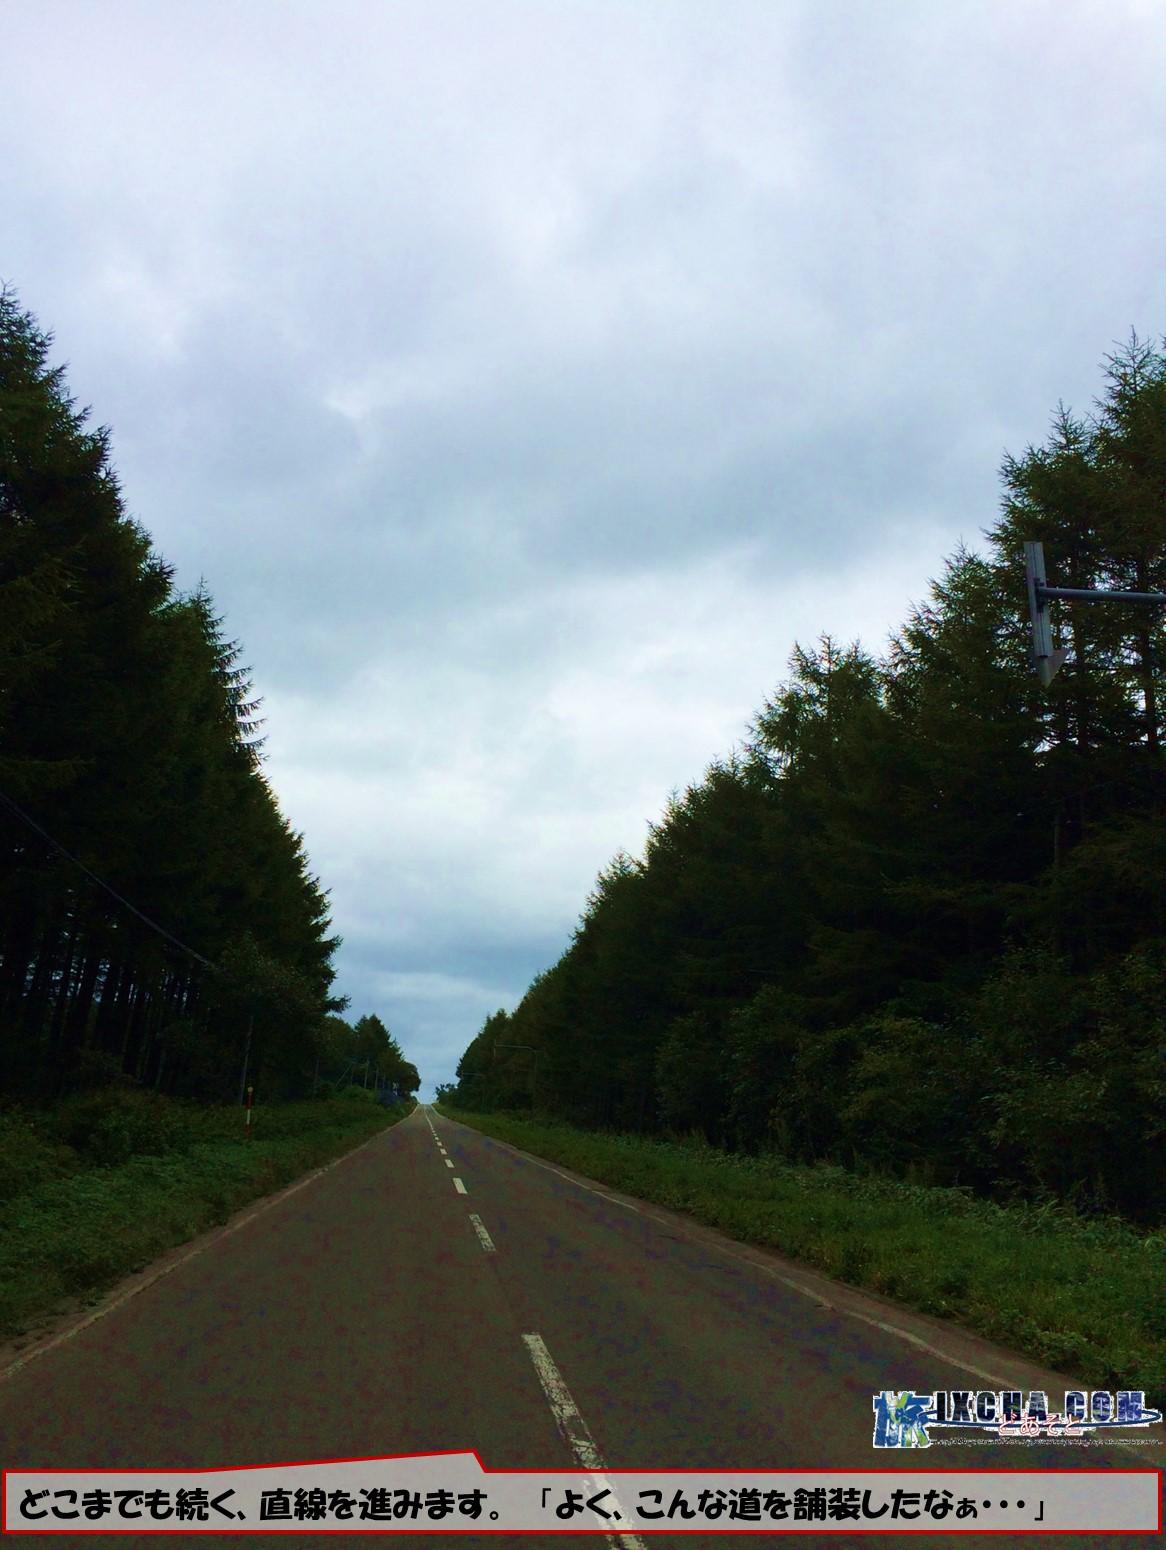 どこまでも続く、直線を進みます。 「よく、こんな道を舗装したなぁ・・・」